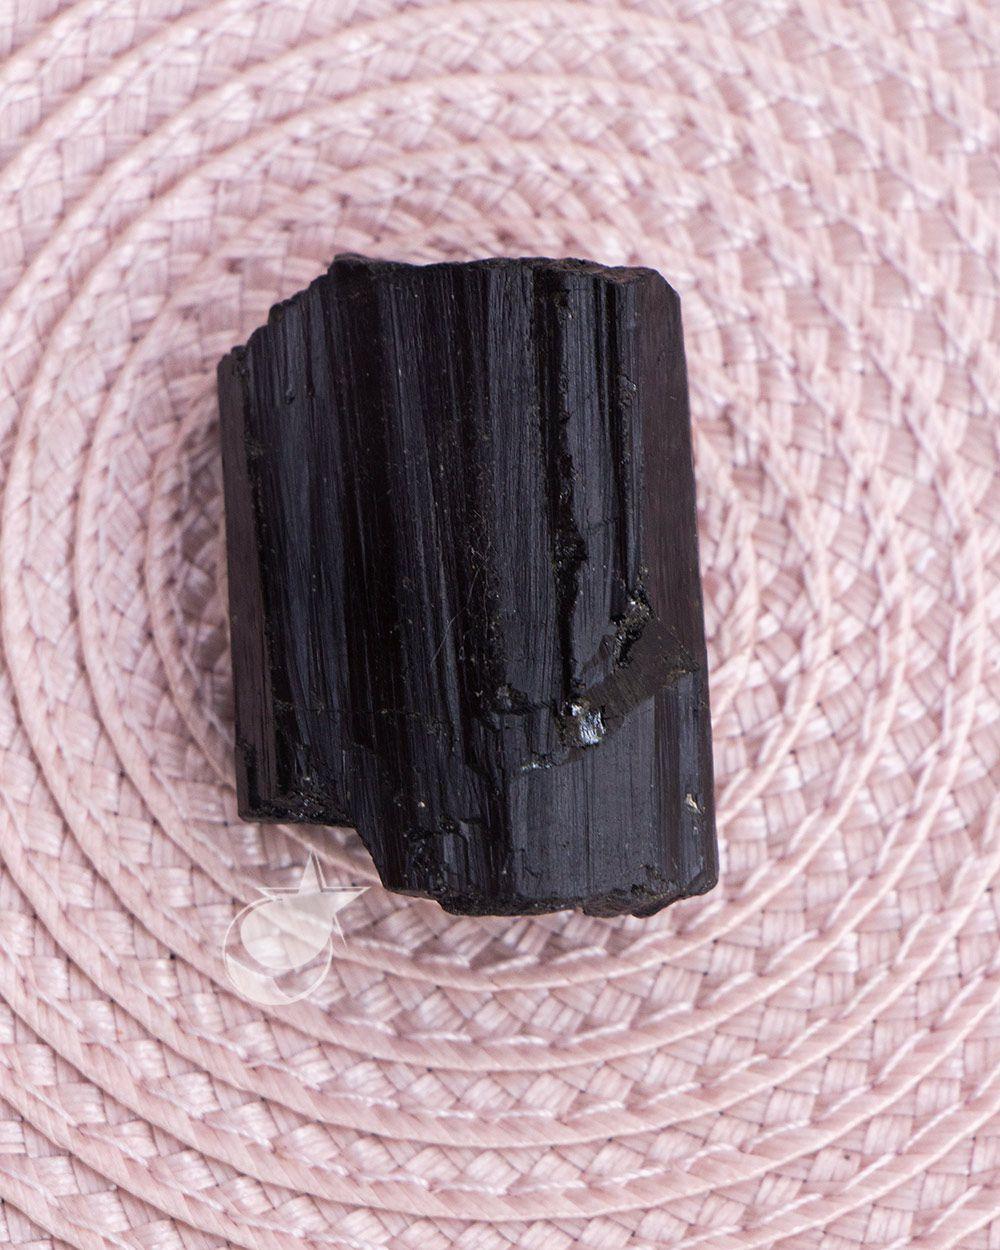 TURMALINA PRETA BRUTA COMUM - UNIDADE - 2 a 3 cm - (12 a 19g)